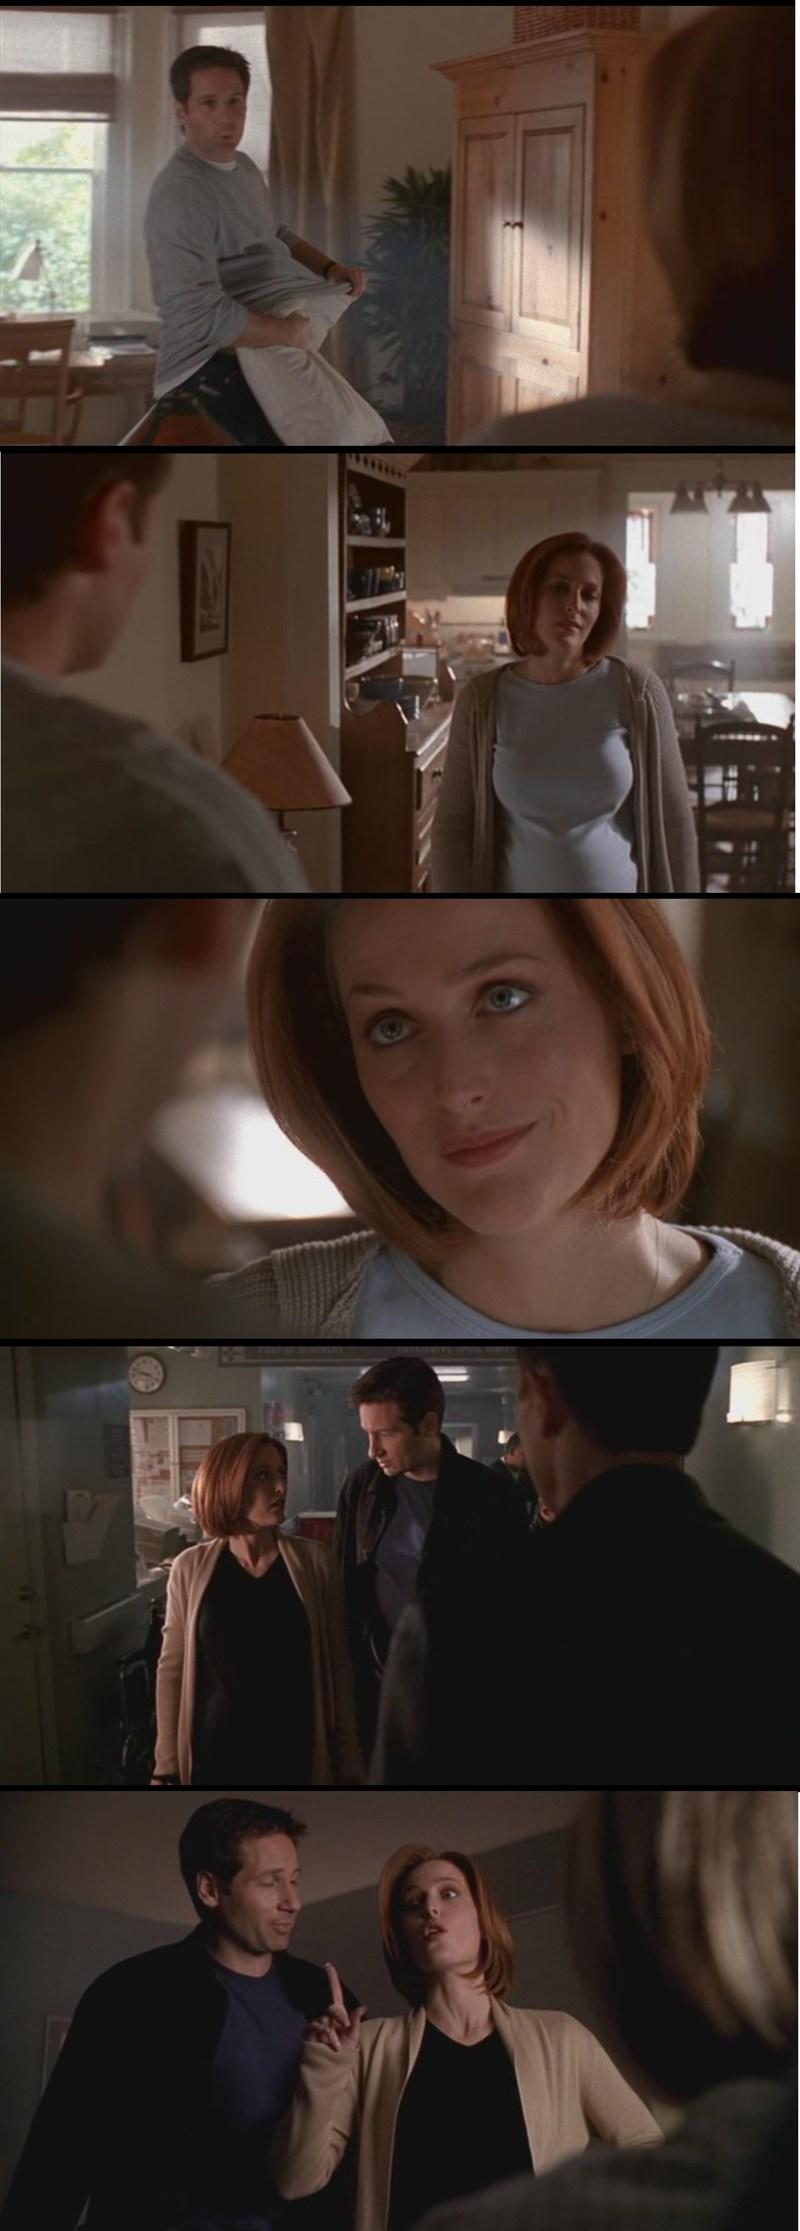 Troppo carine le scene di Mulder e Scully... ma soprattutto quella dove sono nella stanza con l'agente Harrison... cioè.... penso che in quel momento personificasse noi fan ahahahahahahah